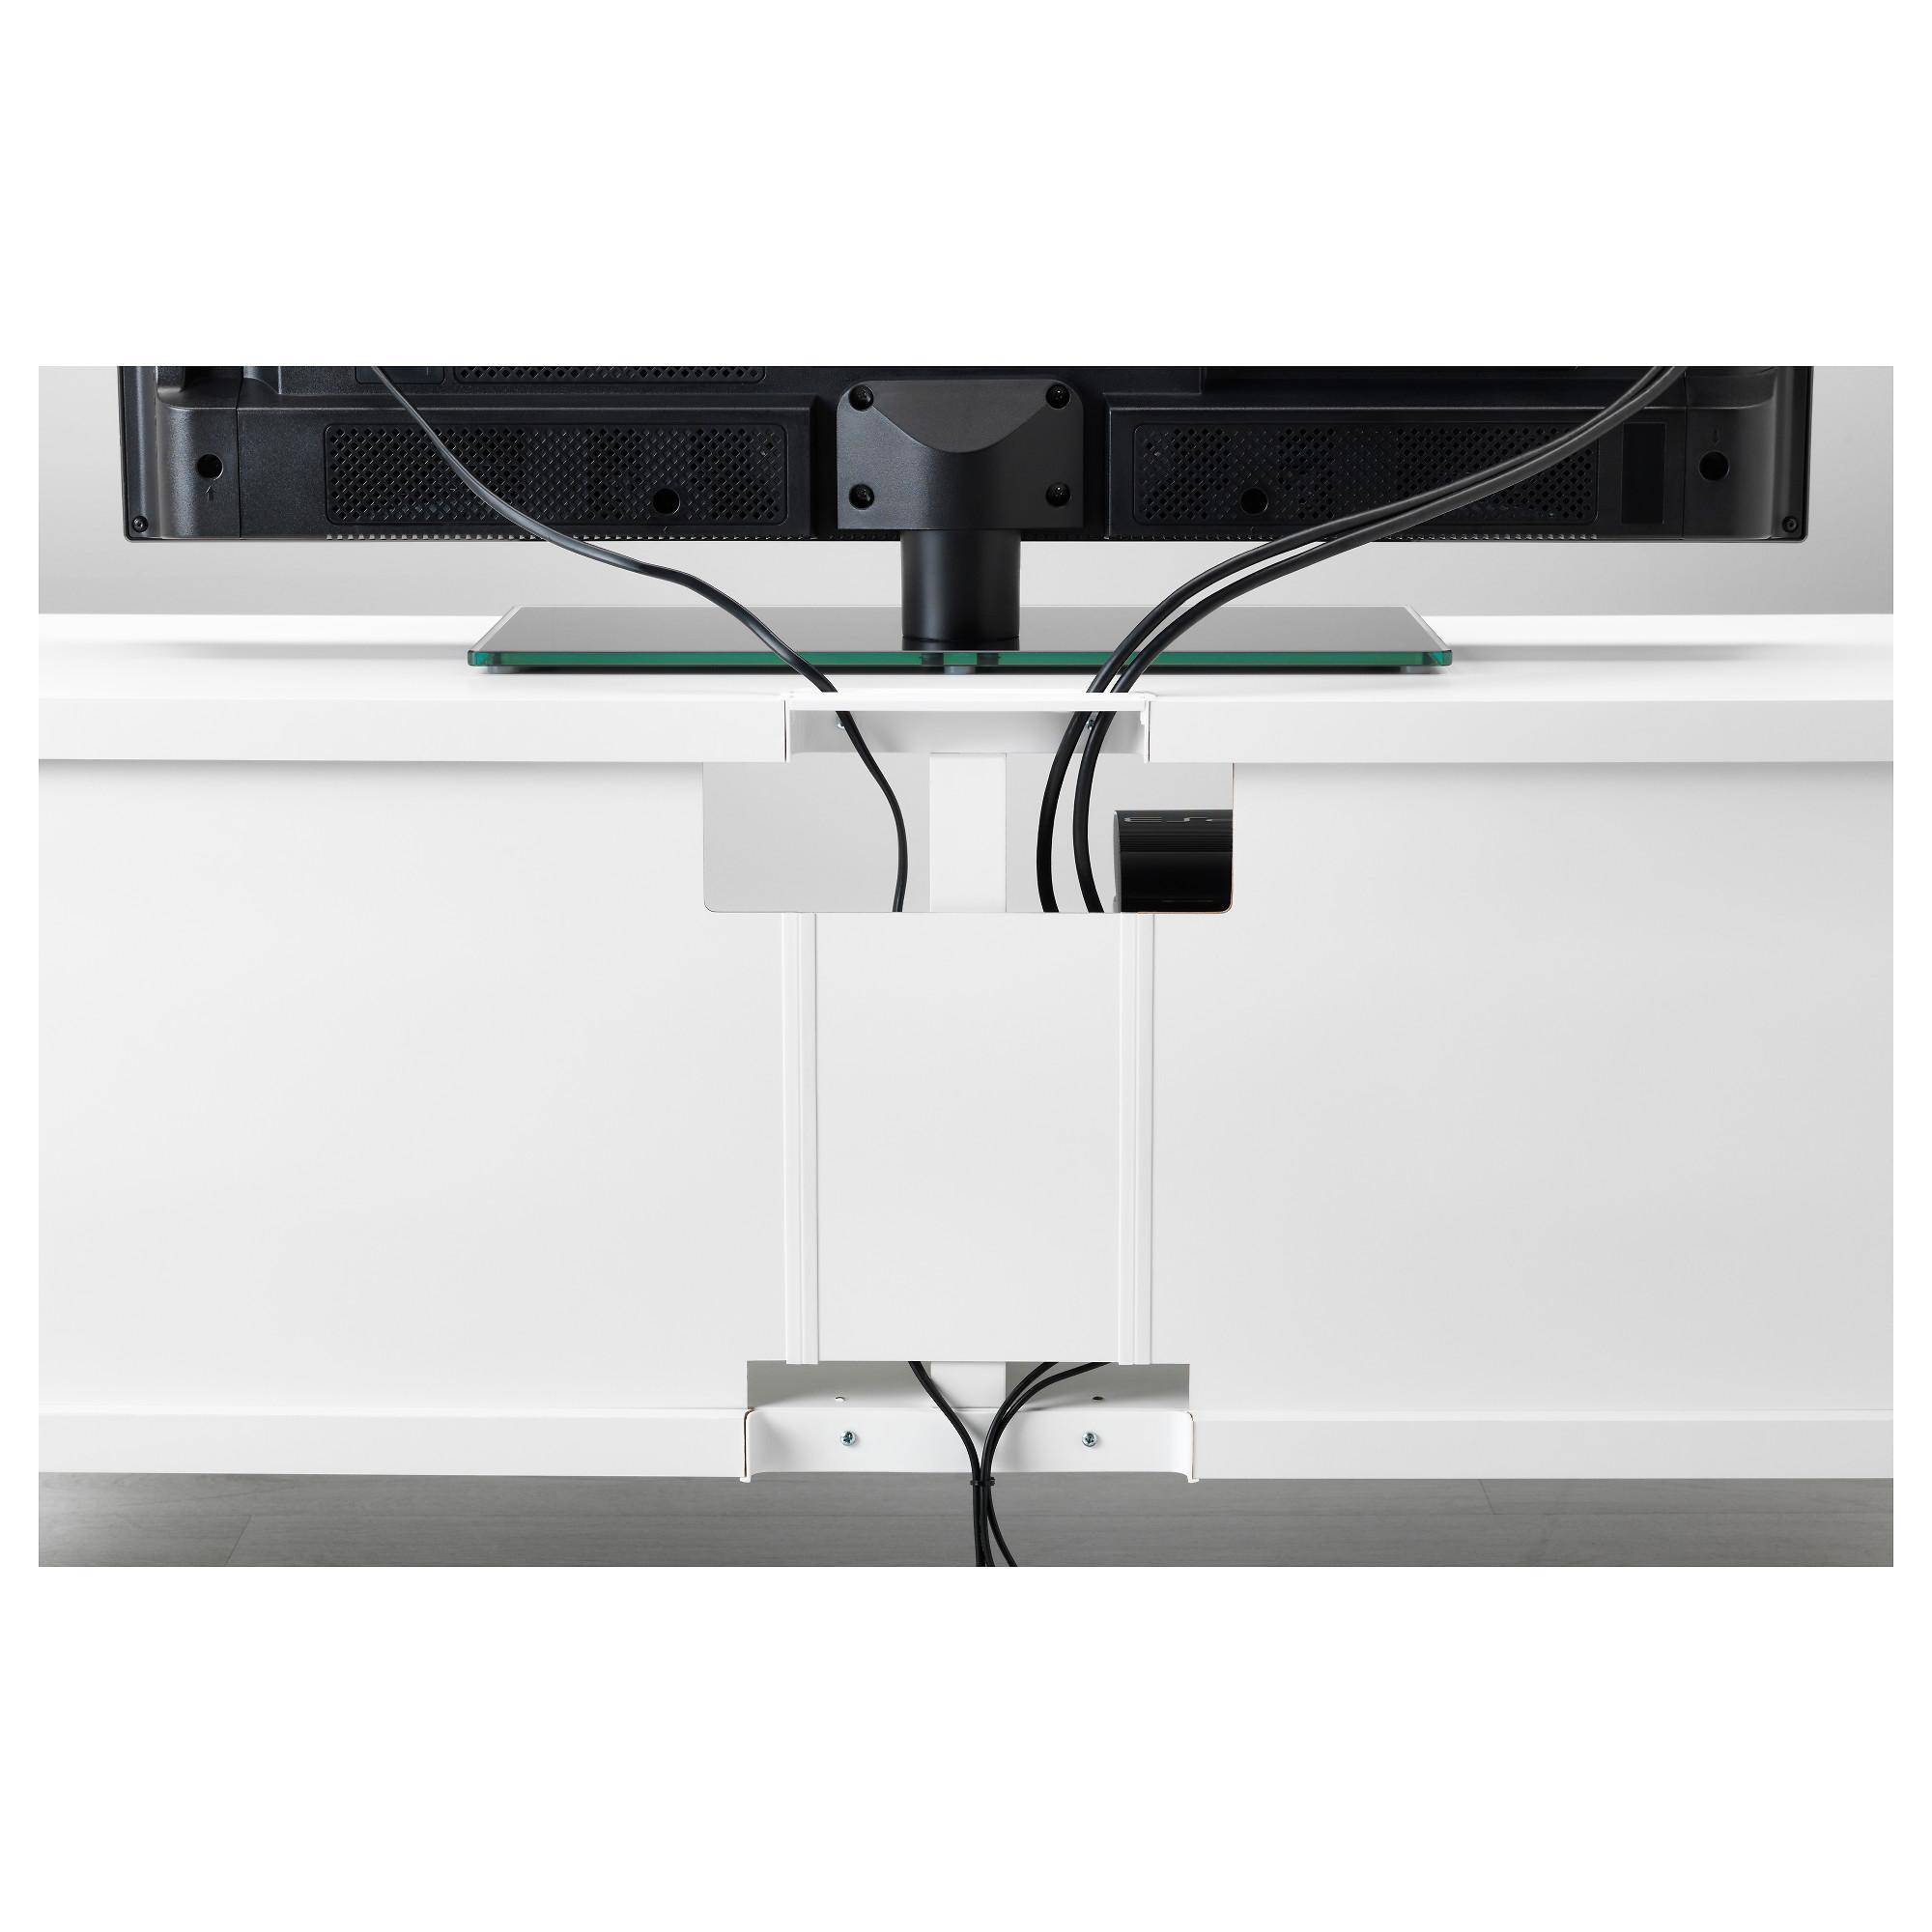 Шкаф для ТВ, комбинация БЕСТО белый артикуль № 292.514.27 в наличии. Интернет каталог IKEA Минск. Быстрая доставка и соборка.